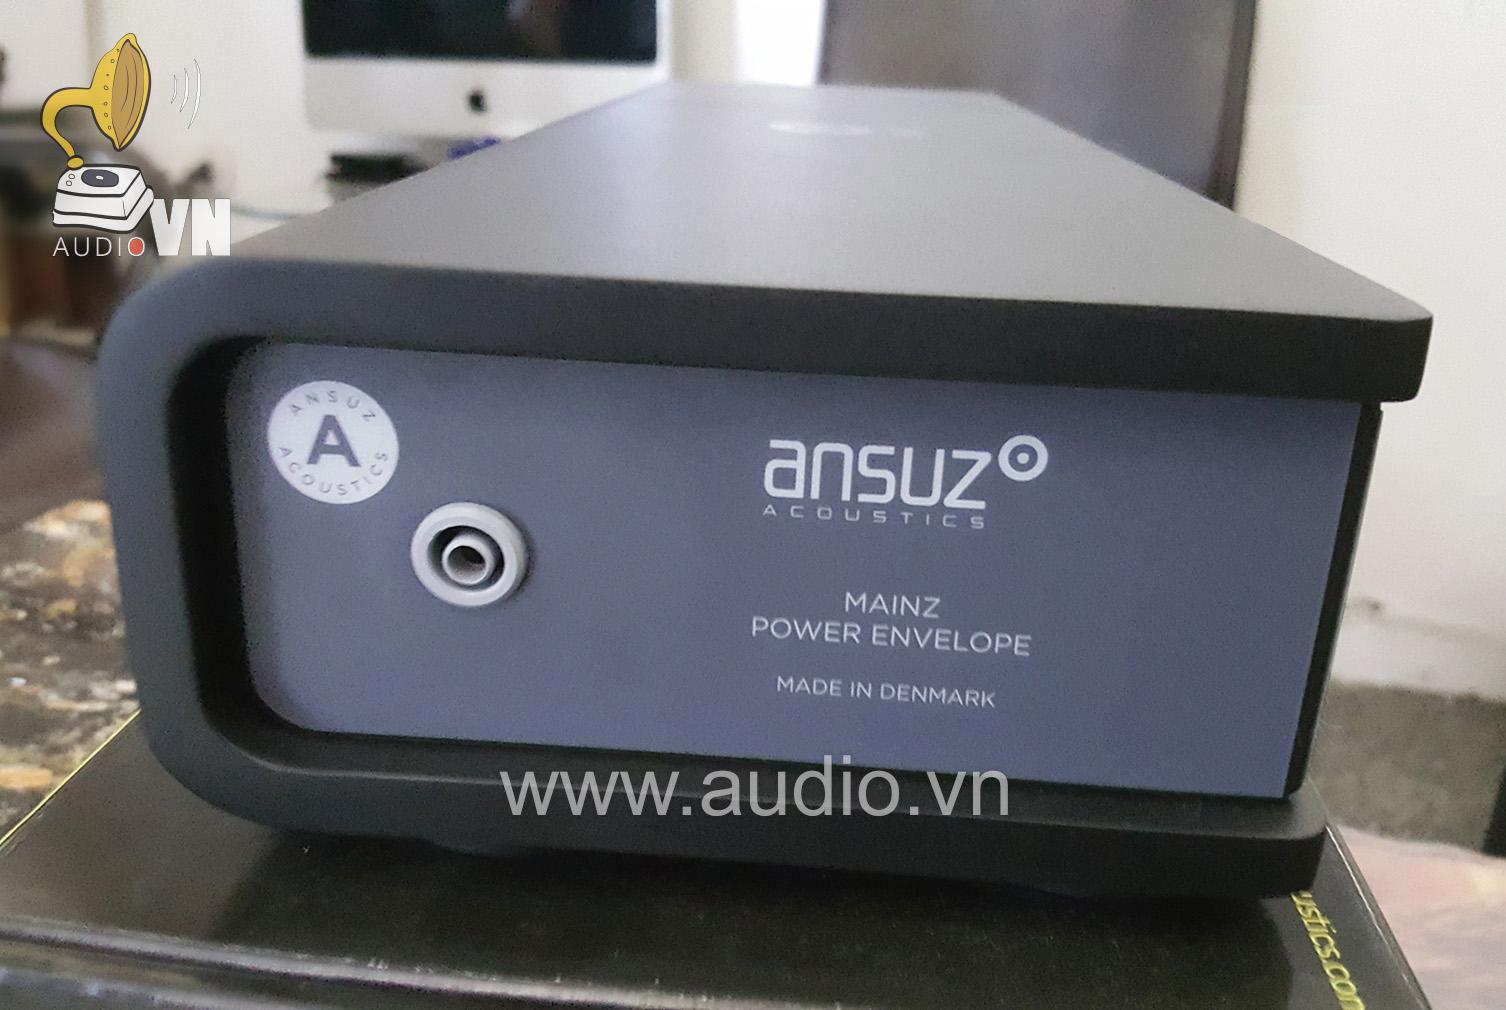 Ansuz A8-1